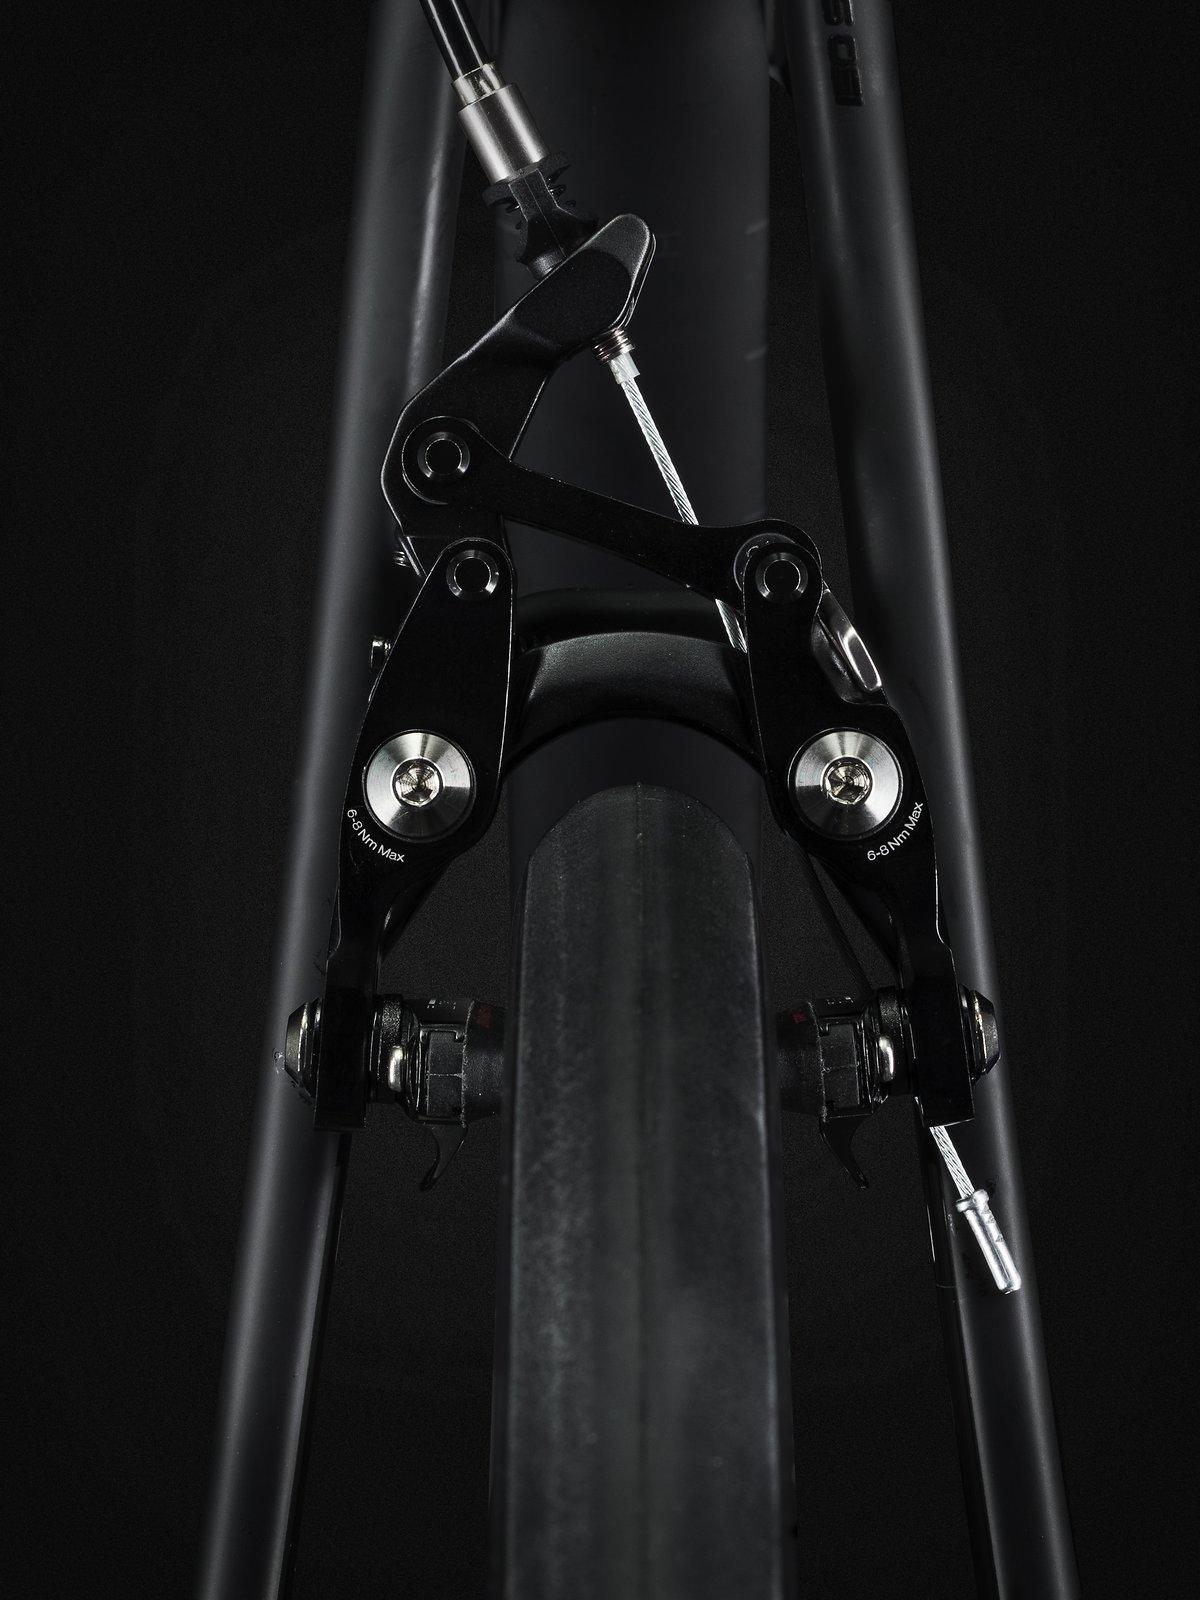 Die von Bontrager entwickelten Bremsen lassen eine Reifendicke von bis zu 28 Millimeter zu. Wer mit Scheibenbremsen entschleunigen möchte, kann sogar auf 32mm Reifen cruisen.